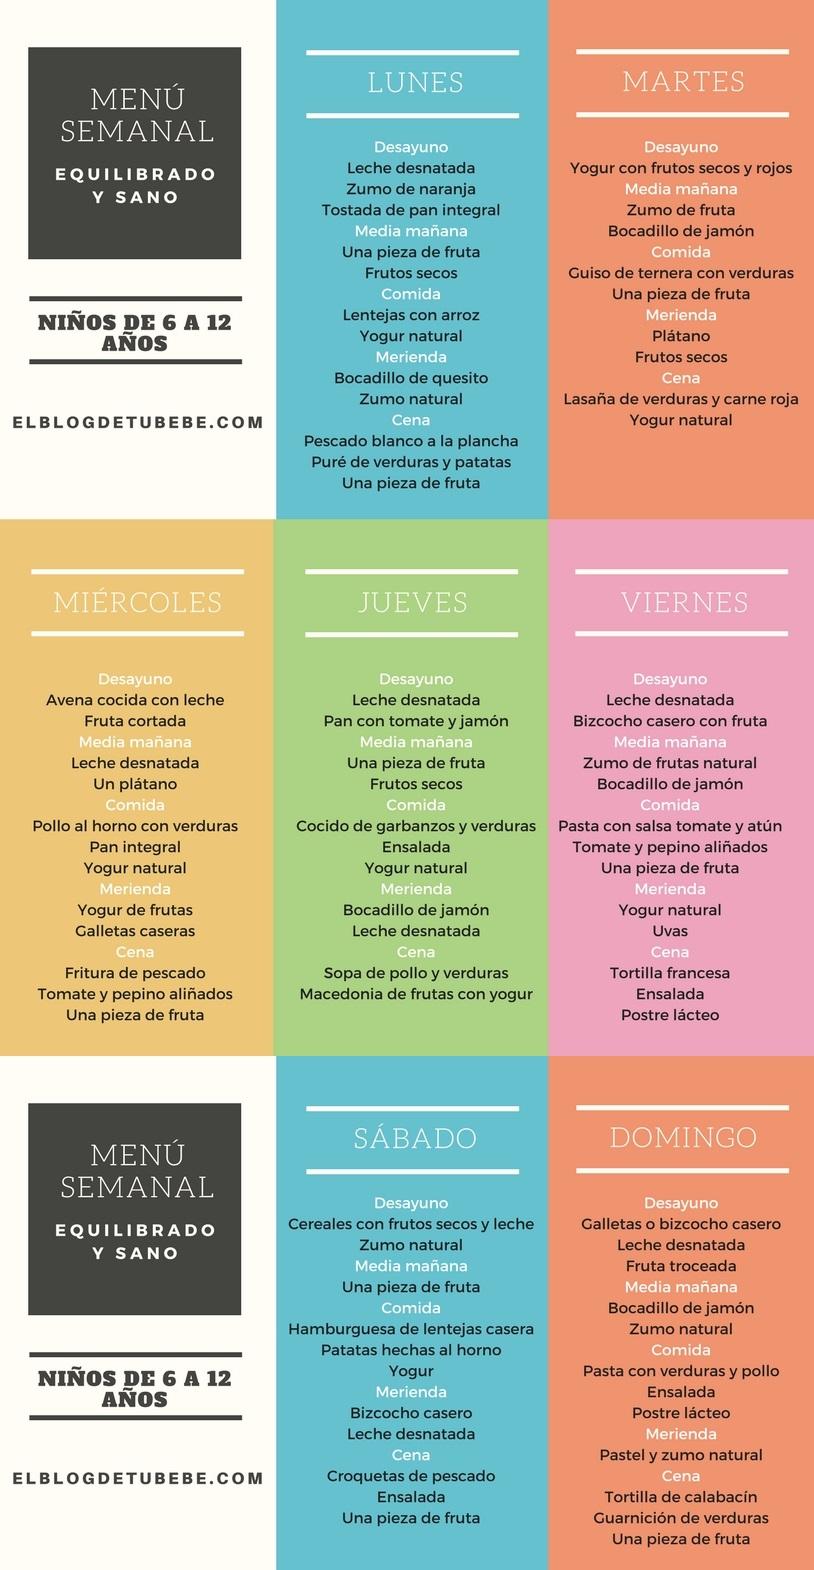 Ejemplos de menus sanos y equilibrados